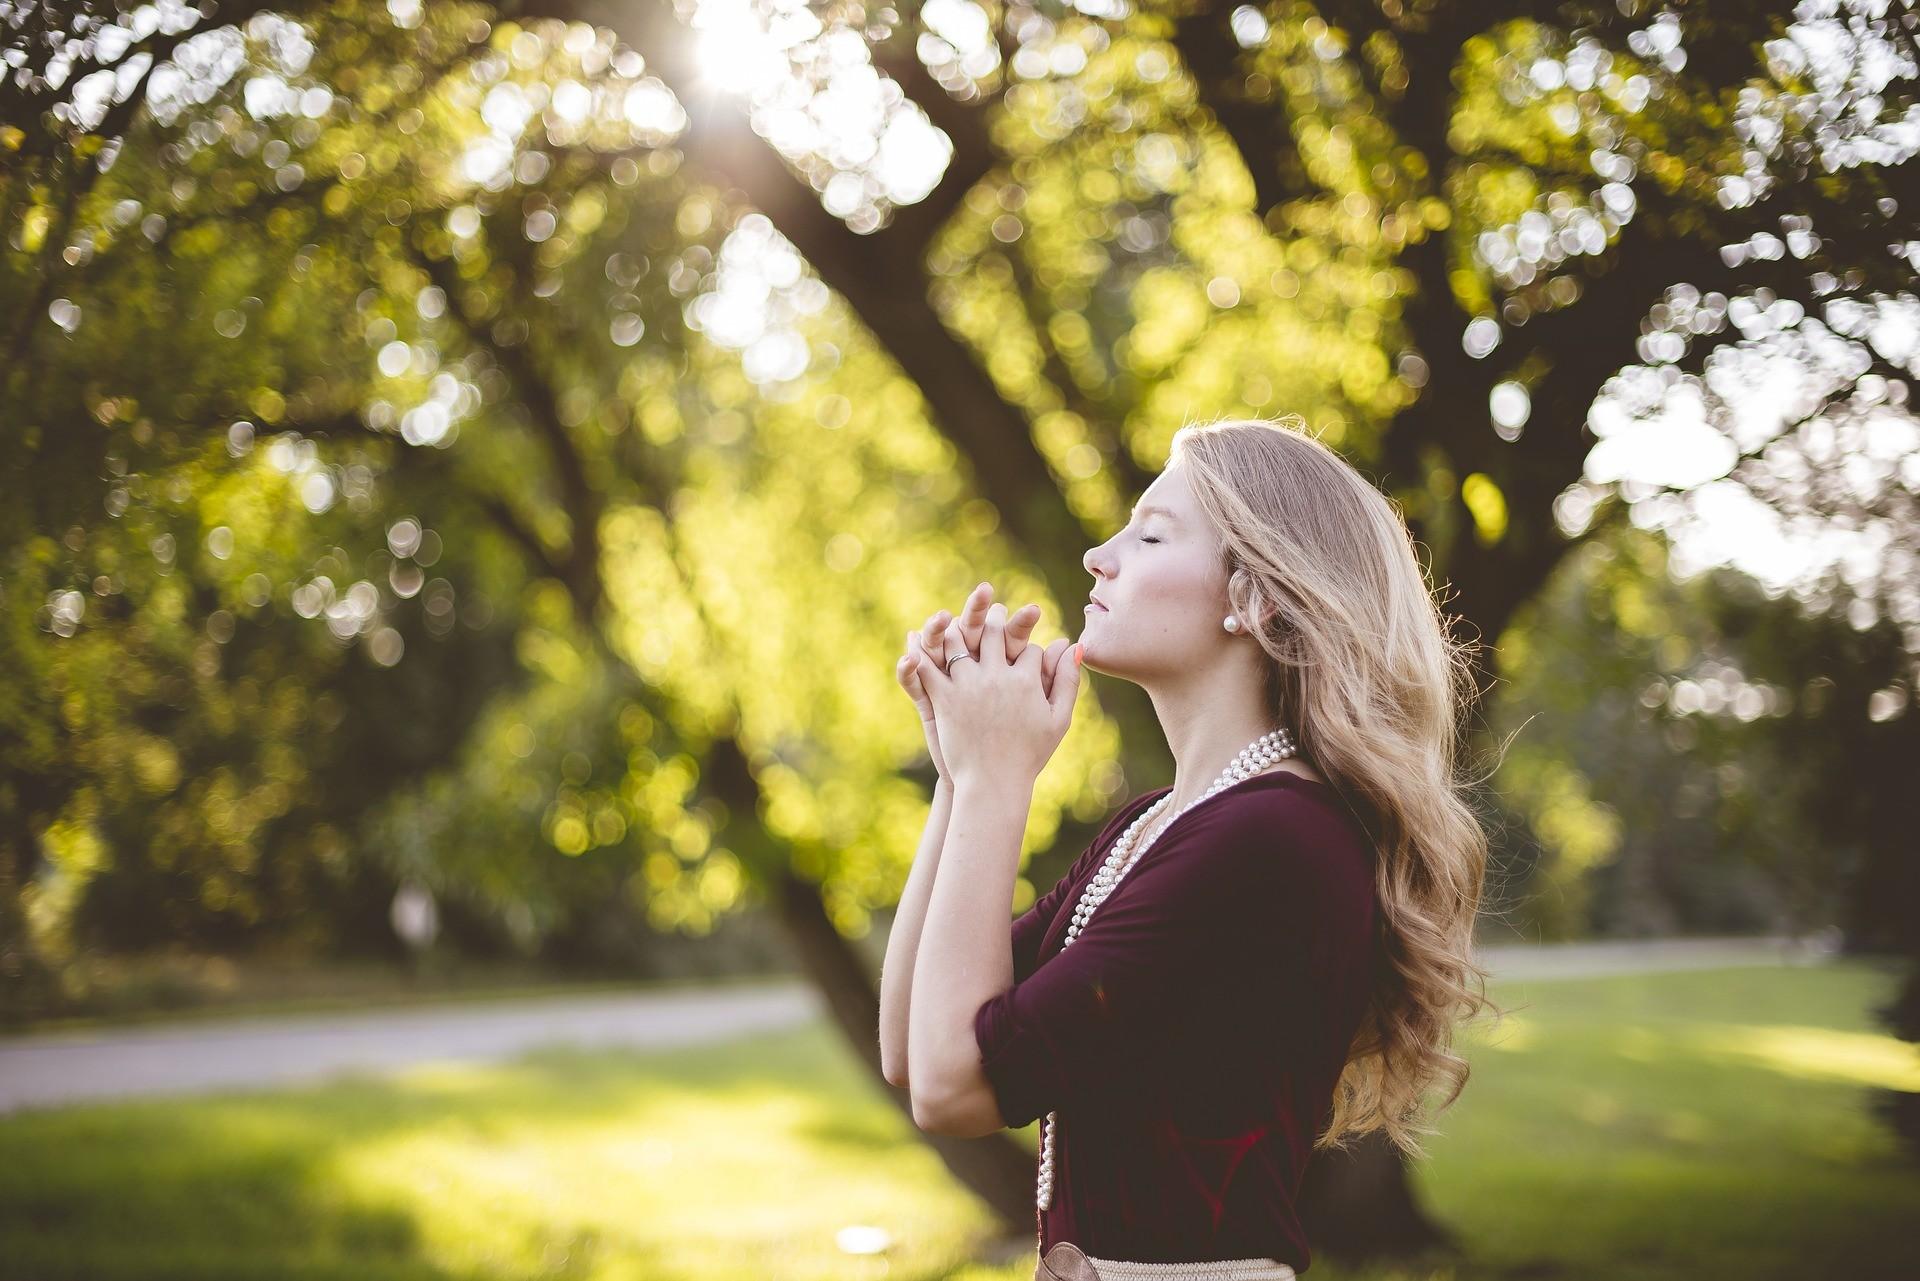 ▲▼公園,自然,壓力,焦慮,武漢肺炎,新冠肺炎,COVlD-19。(圖/翻攝自Pixabay)